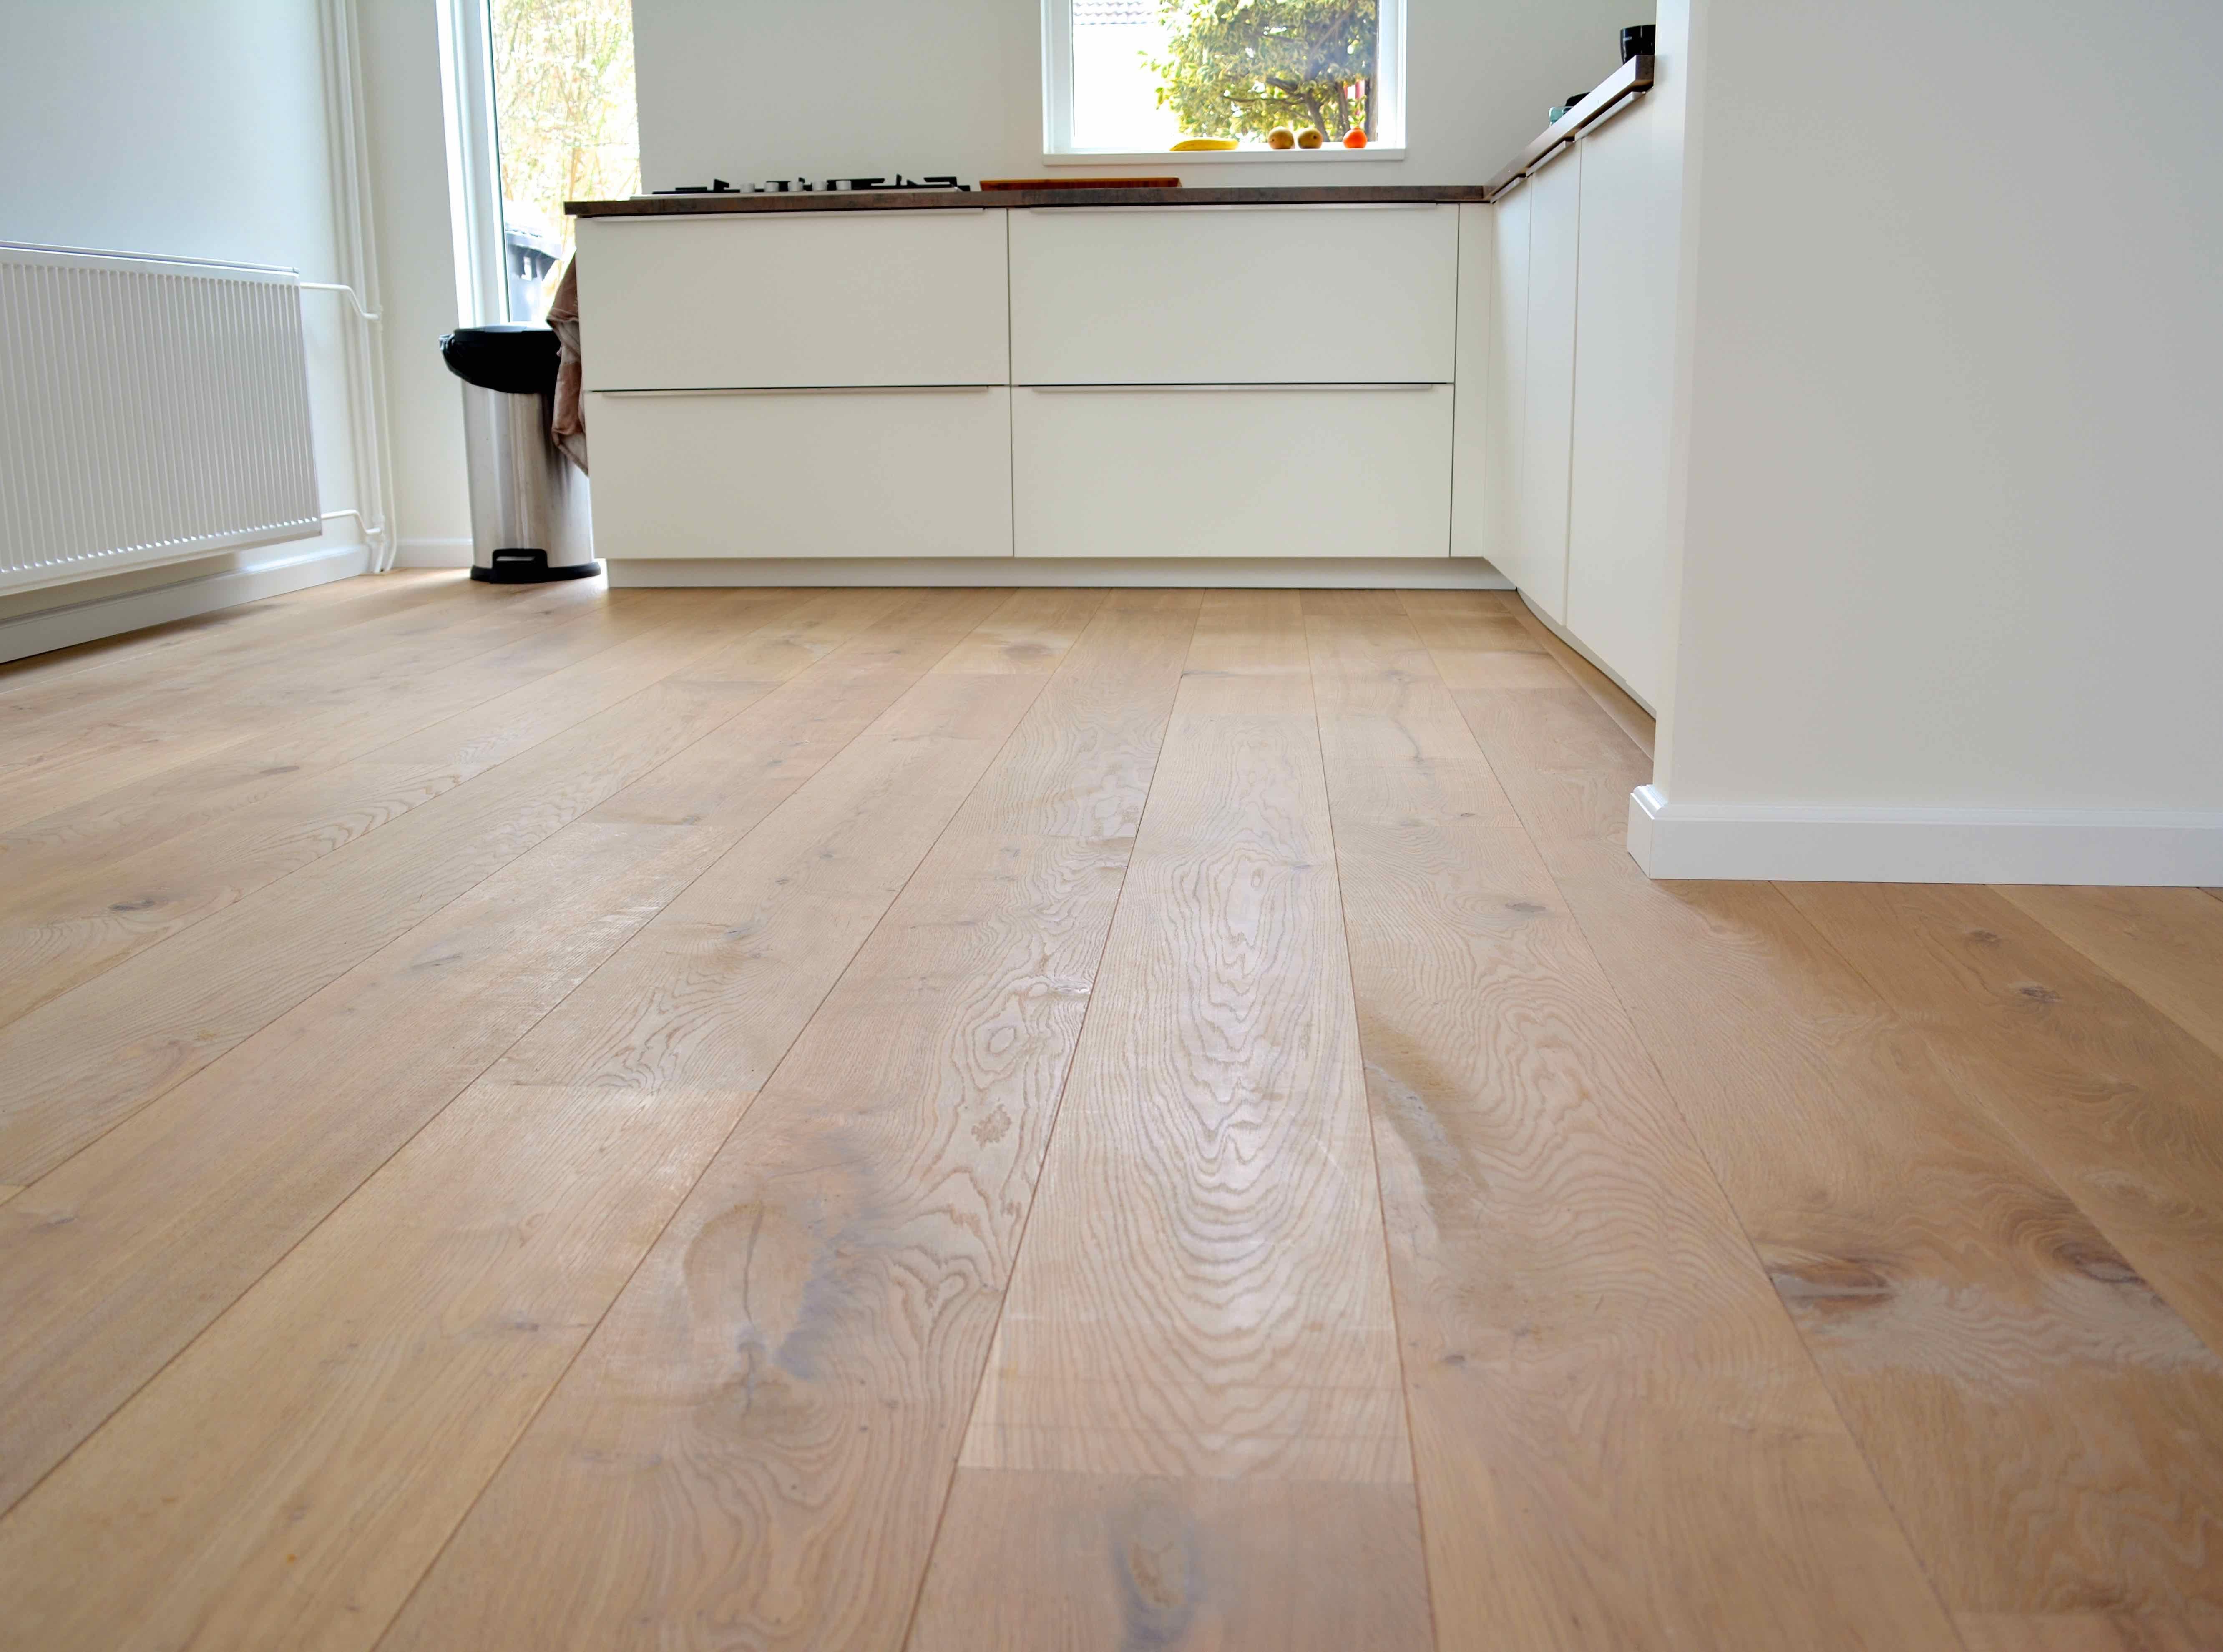 europees eikenhouten vloer geschaafde eiken 22cm brede planken en rustieke sortering. Black Bedroom Furniture Sets. Home Design Ideas